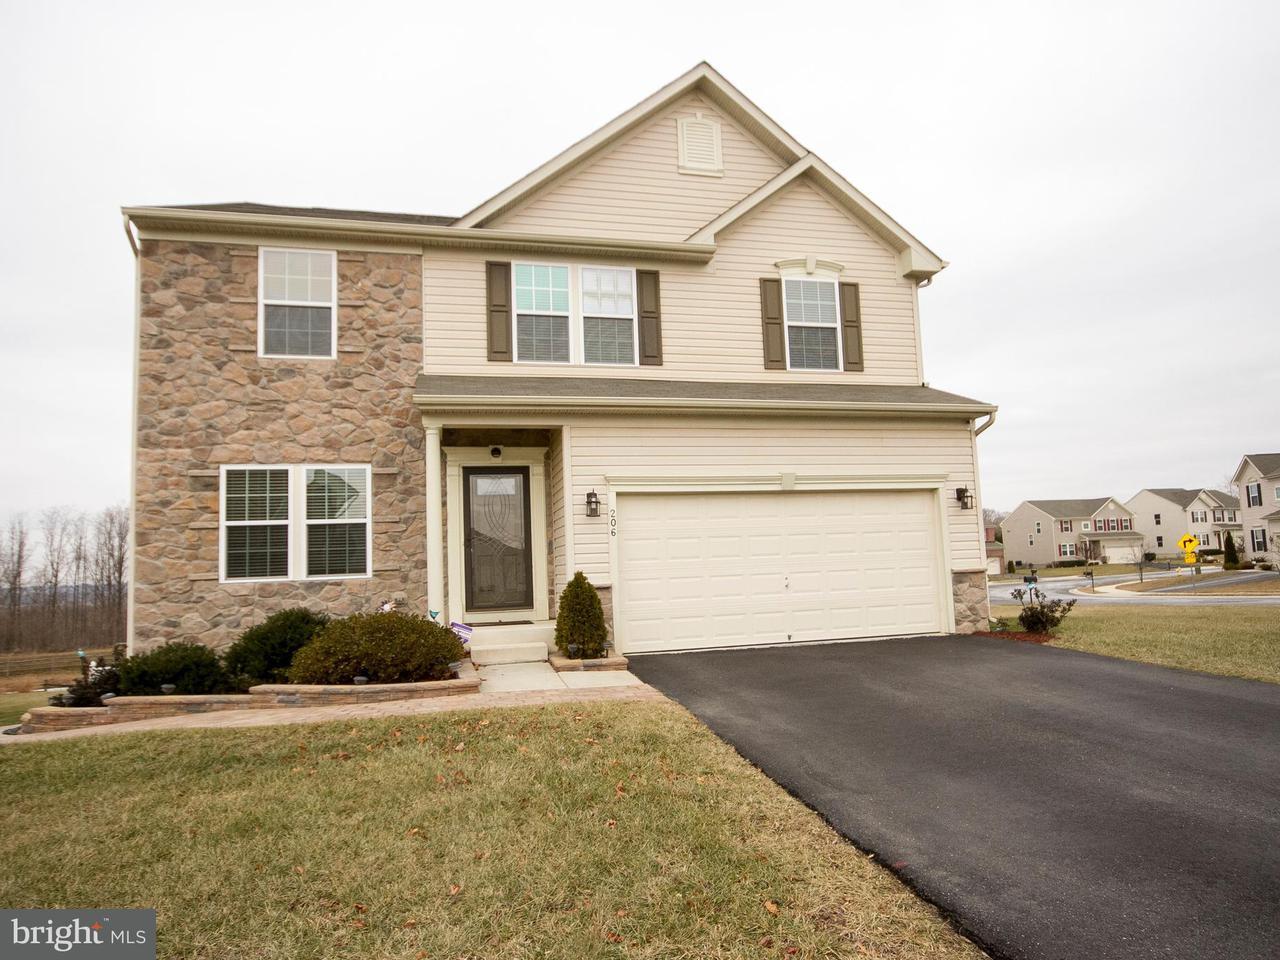 獨棟家庭住宅 為 出售 在 206 Chimney Oak Drive 206 Chimney Oak Drive Joppa, 馬里蘭州 21085 美國